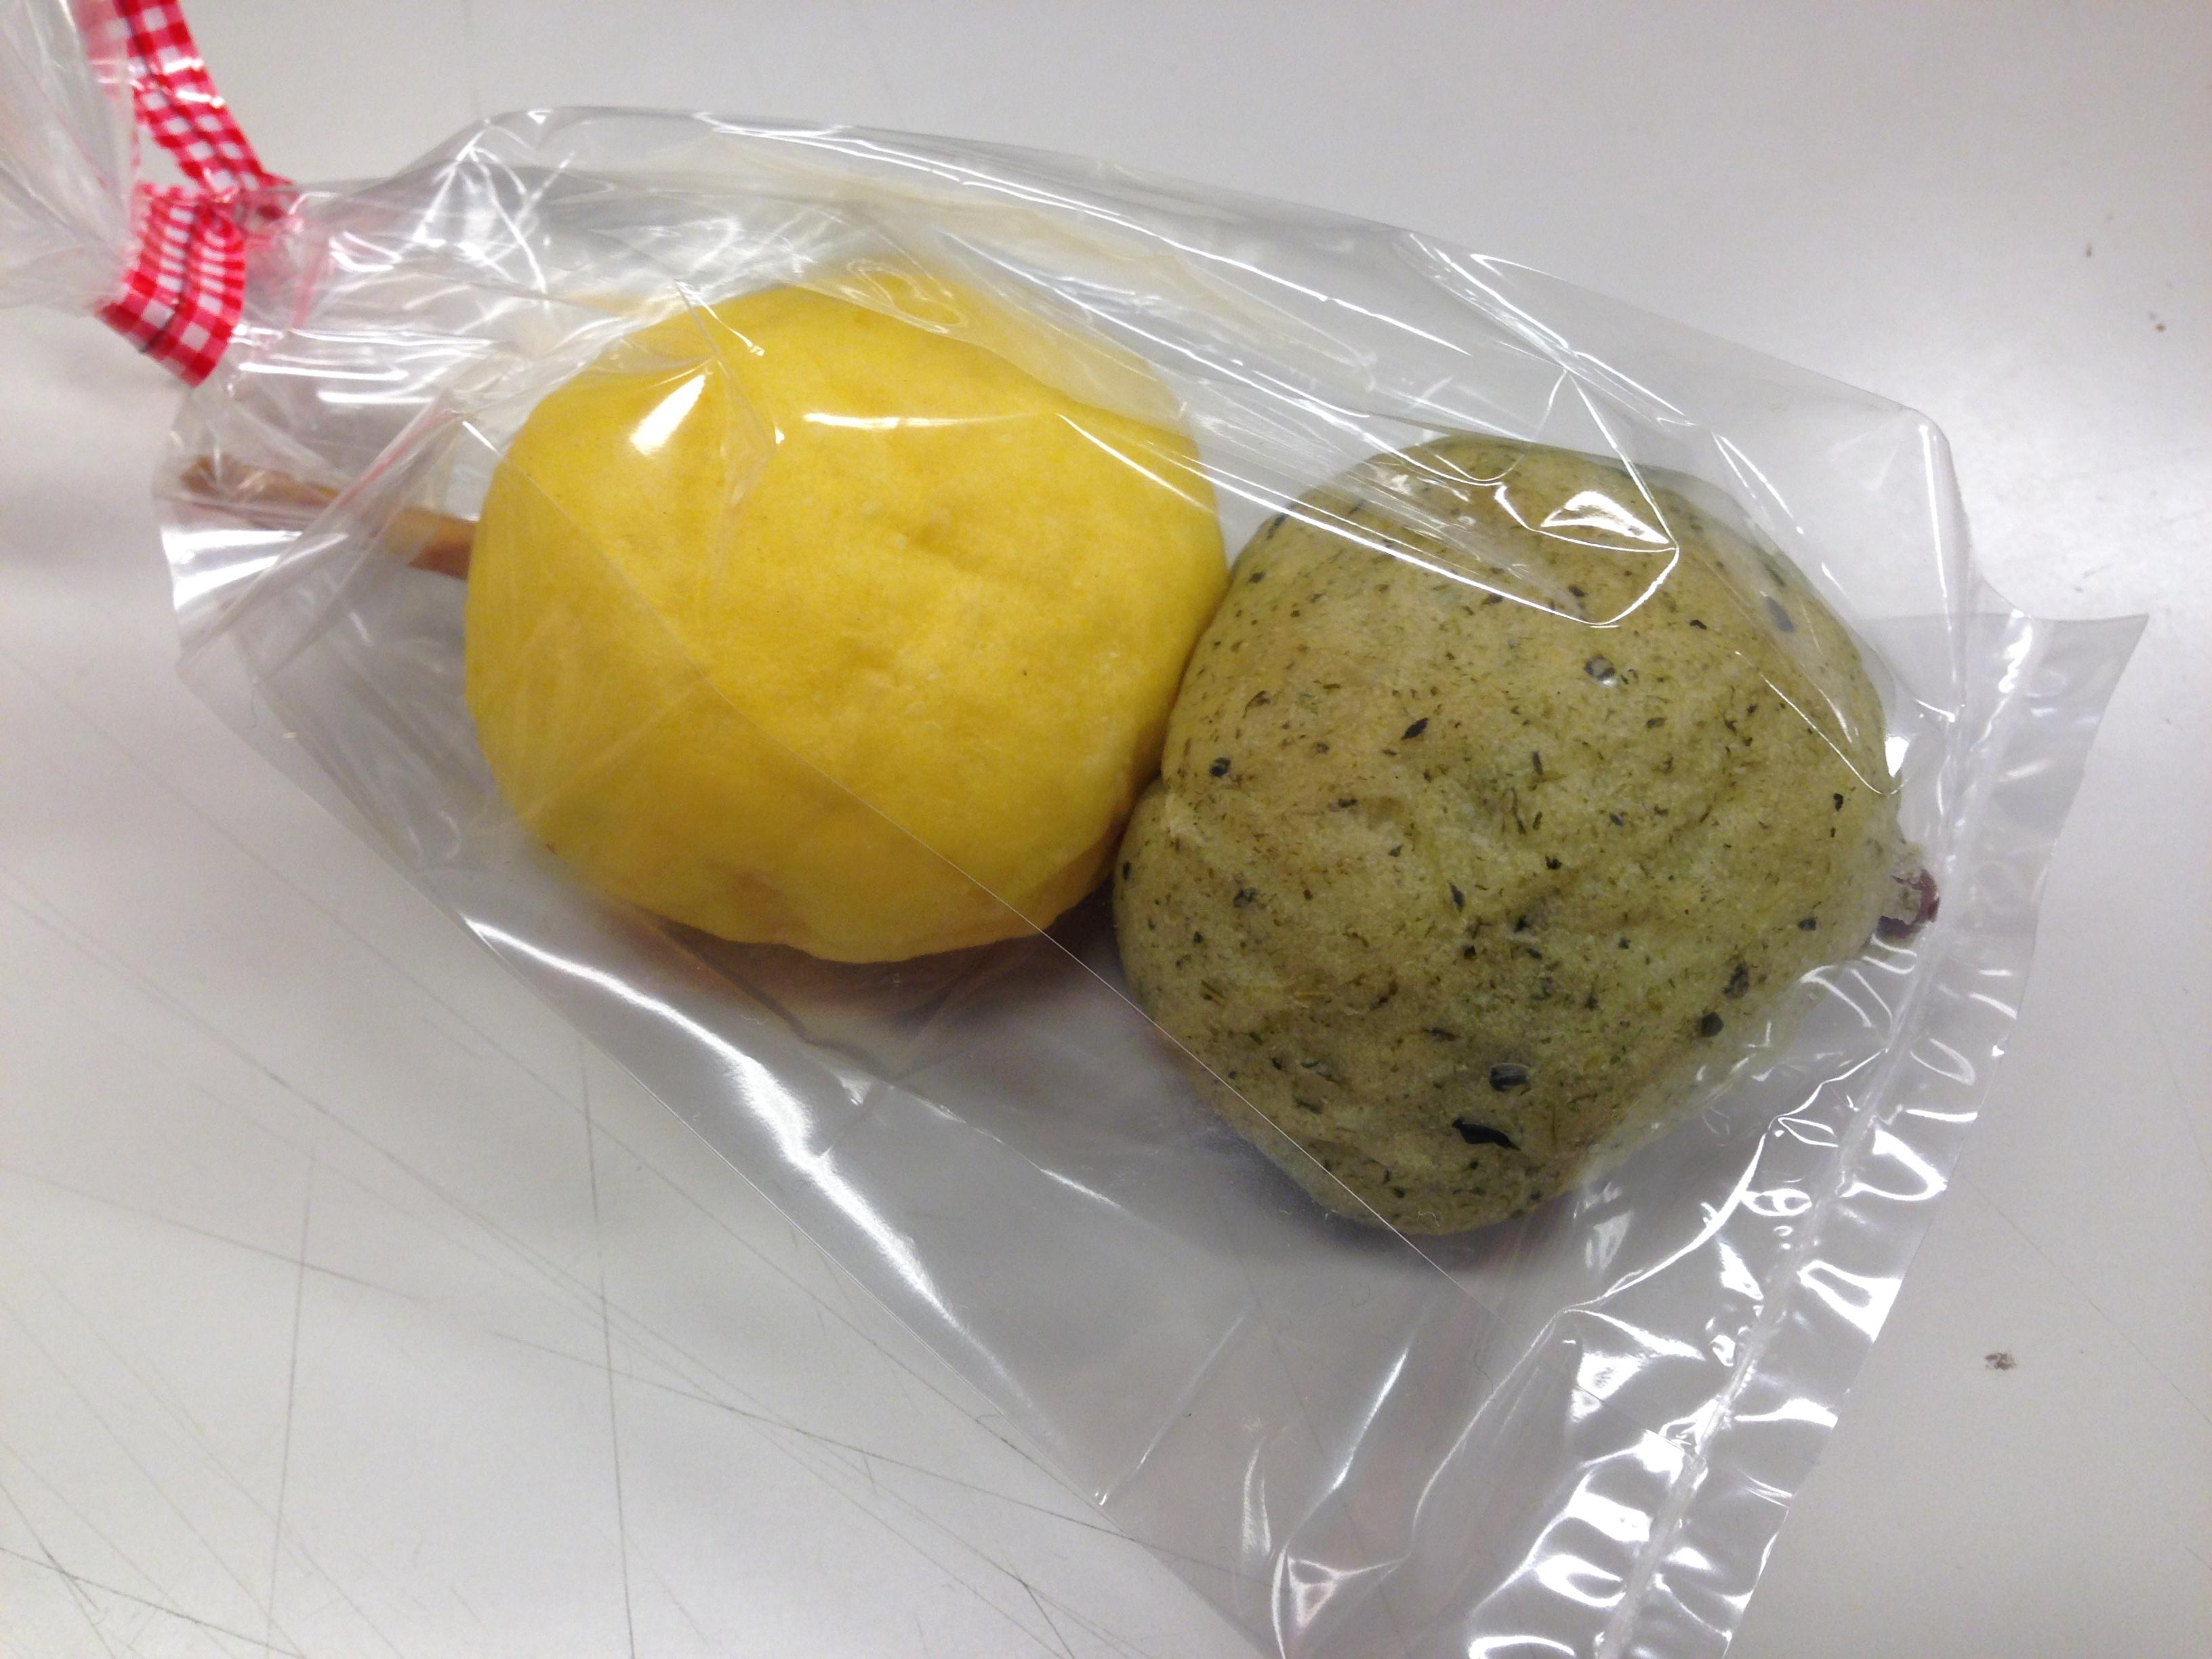 のんの、進撃の老舗和菓子店からの挑戦状を(緑茶を手に)受けてたつ